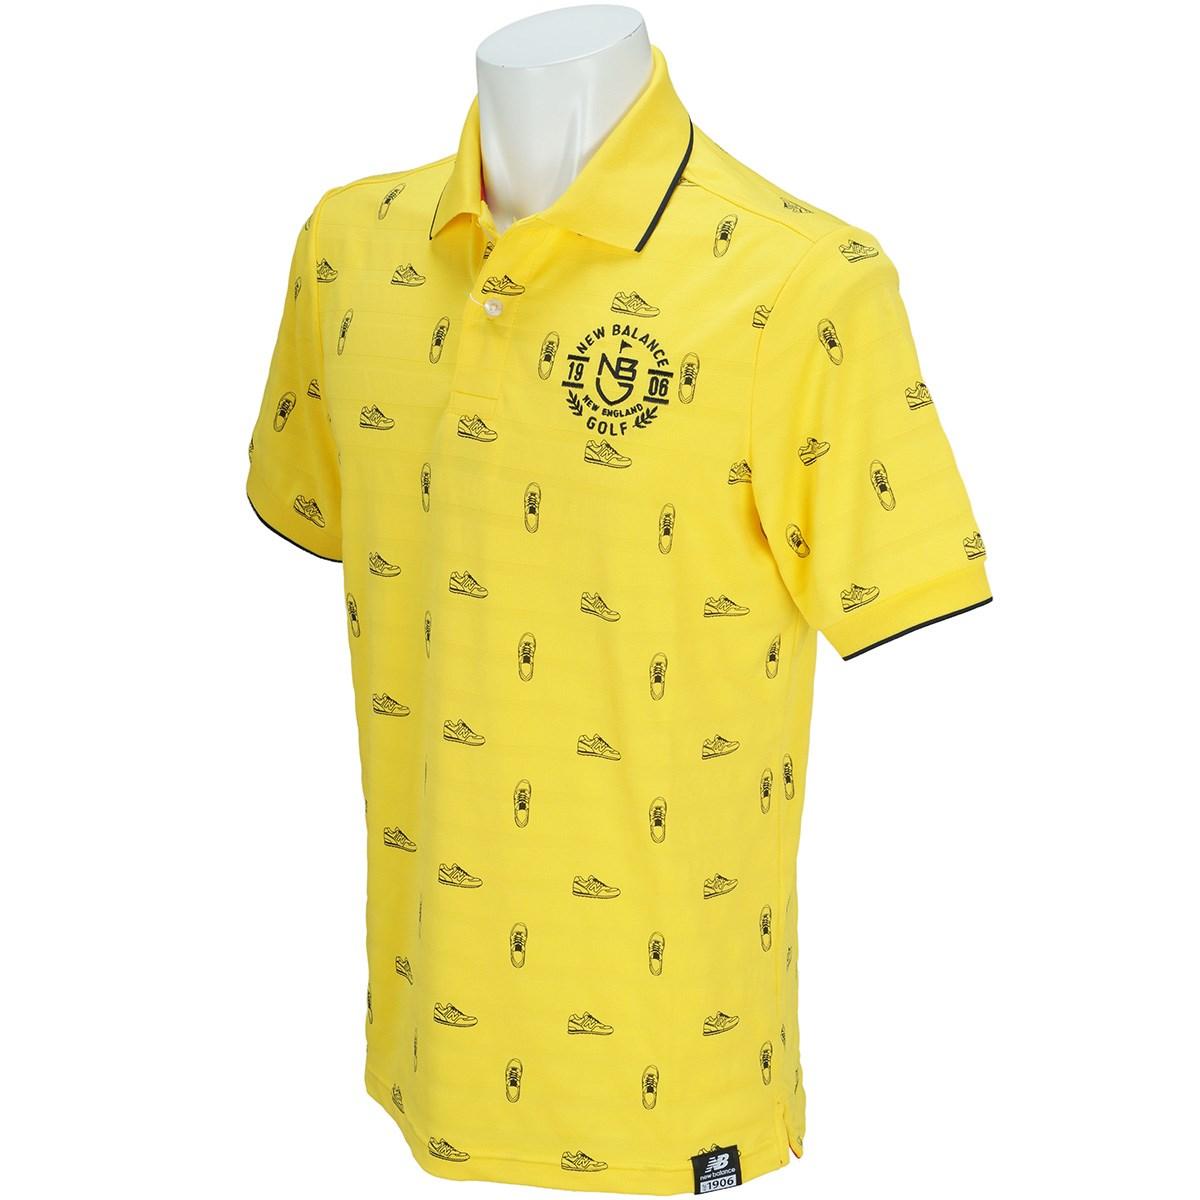 cbe11acc990da METRO シューズモノグラムプリント半袖ポロシャツ ニューバランス New Balance|GDOアウトレット